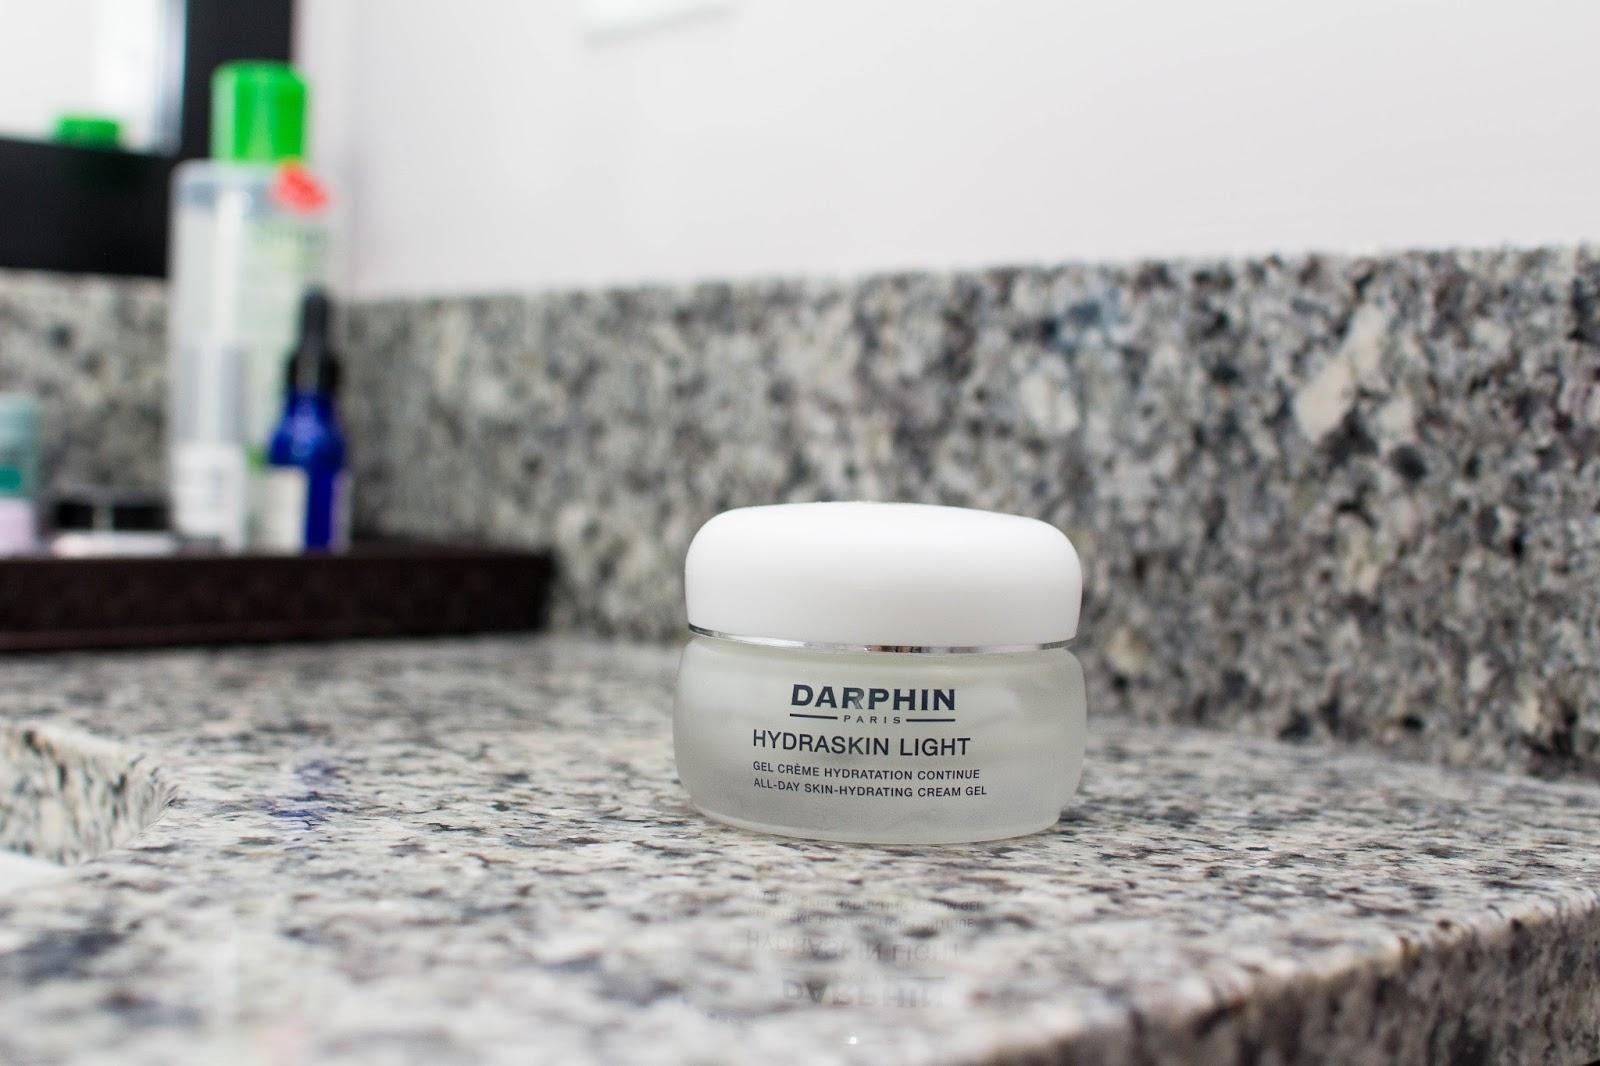 Darphin Hydraskin Light | A.Viza Style